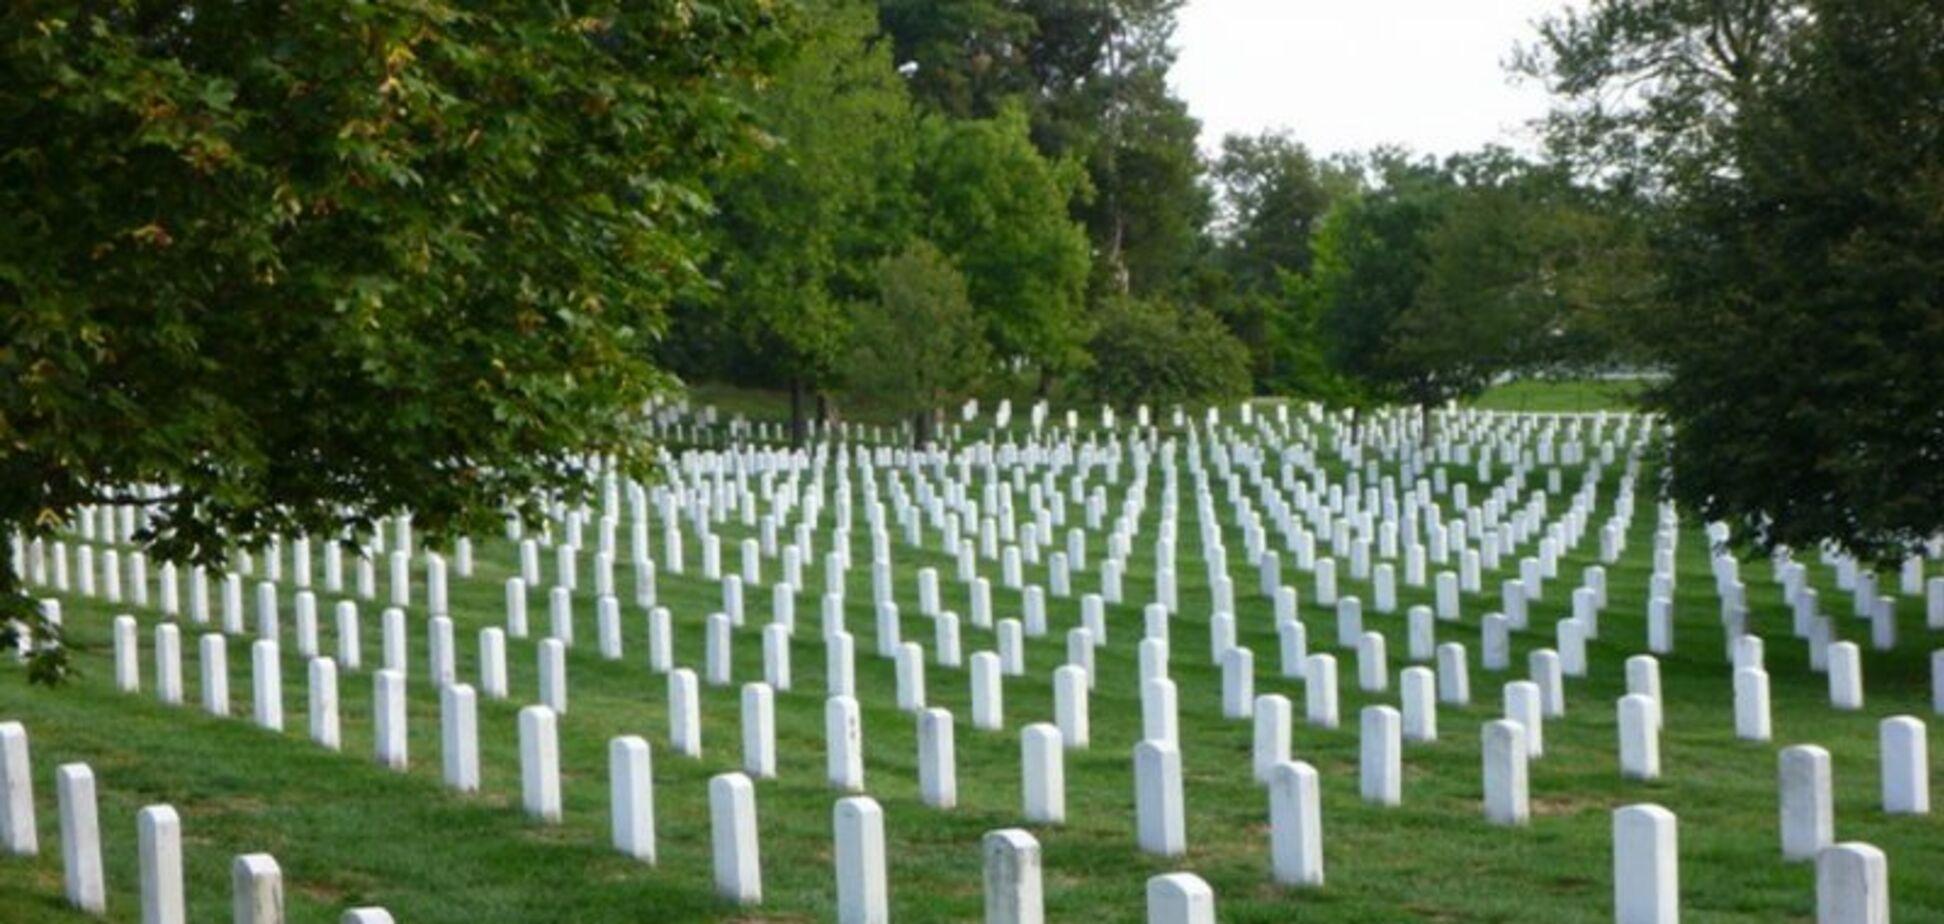 Могилы в парках: в Раде объяснили скандальную задумку